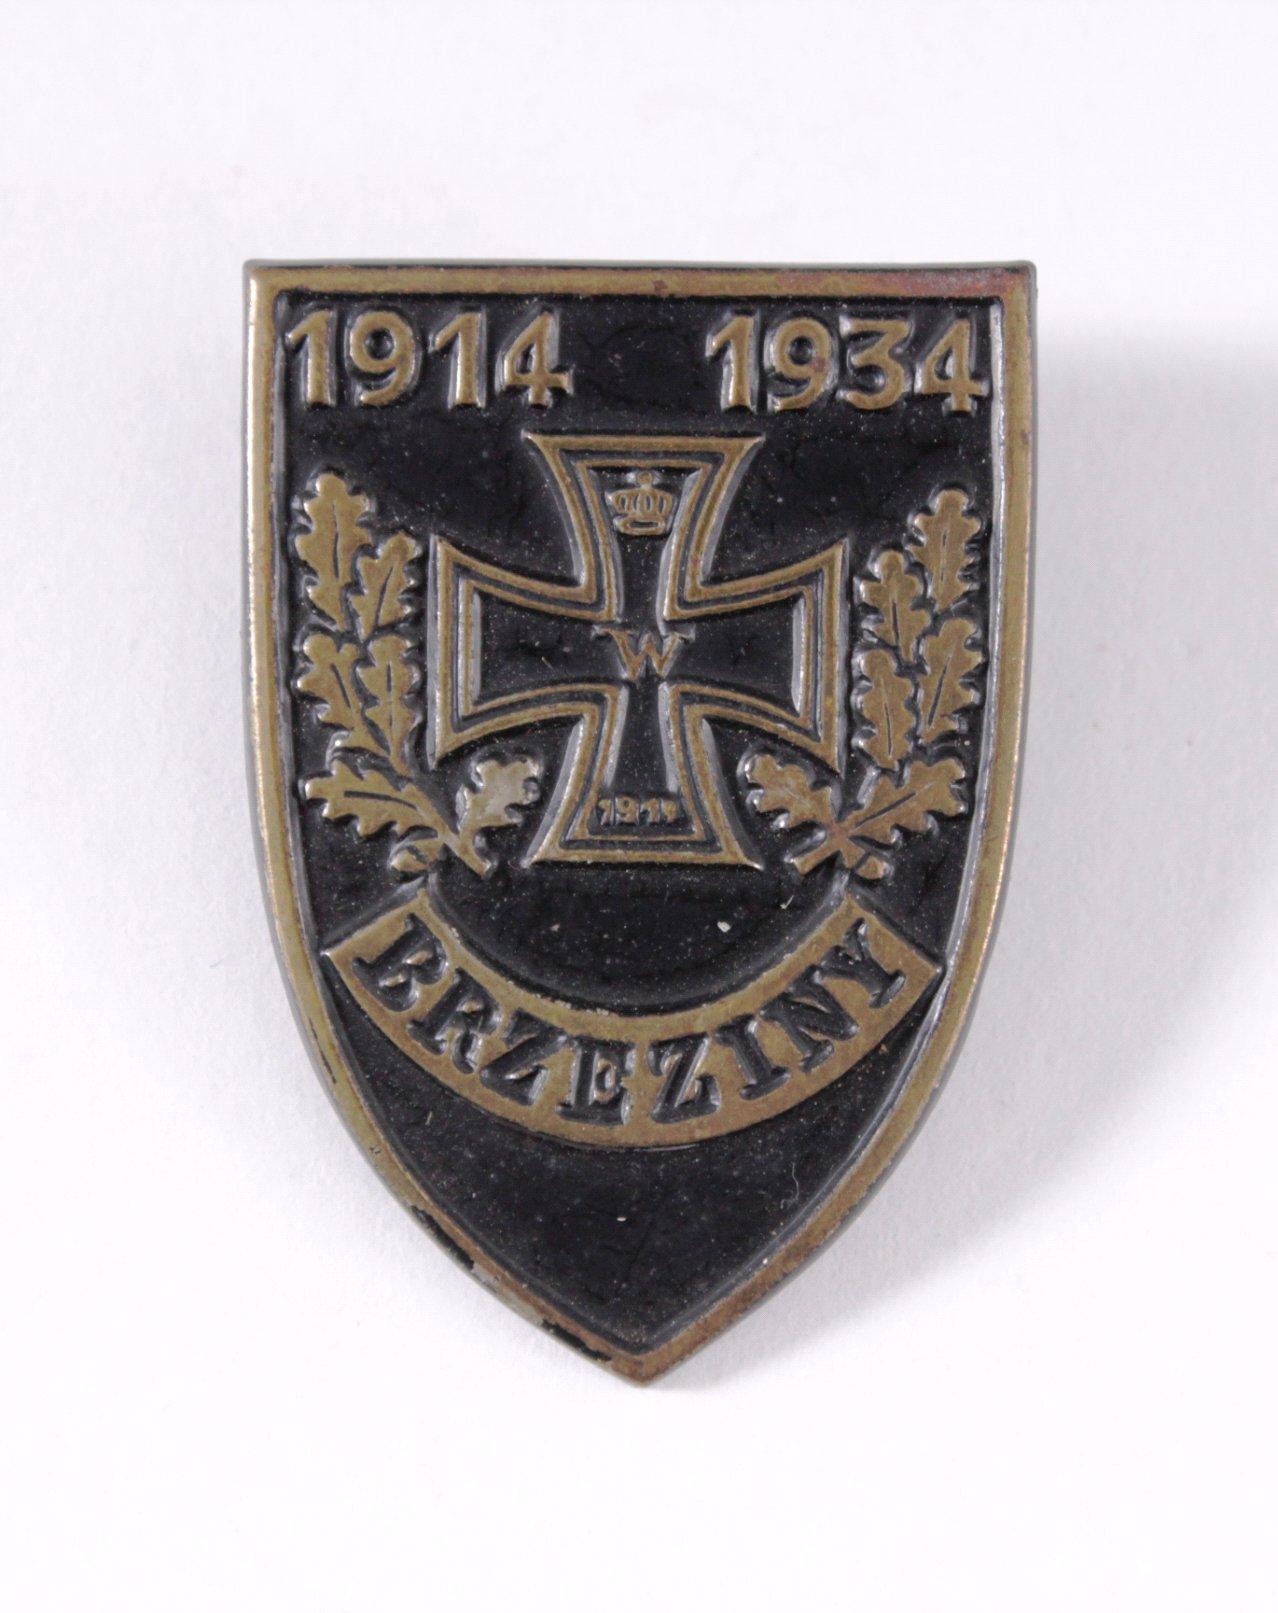 20 Jahre Erinnerung an den Durchbruch bei Brzeziny 1934